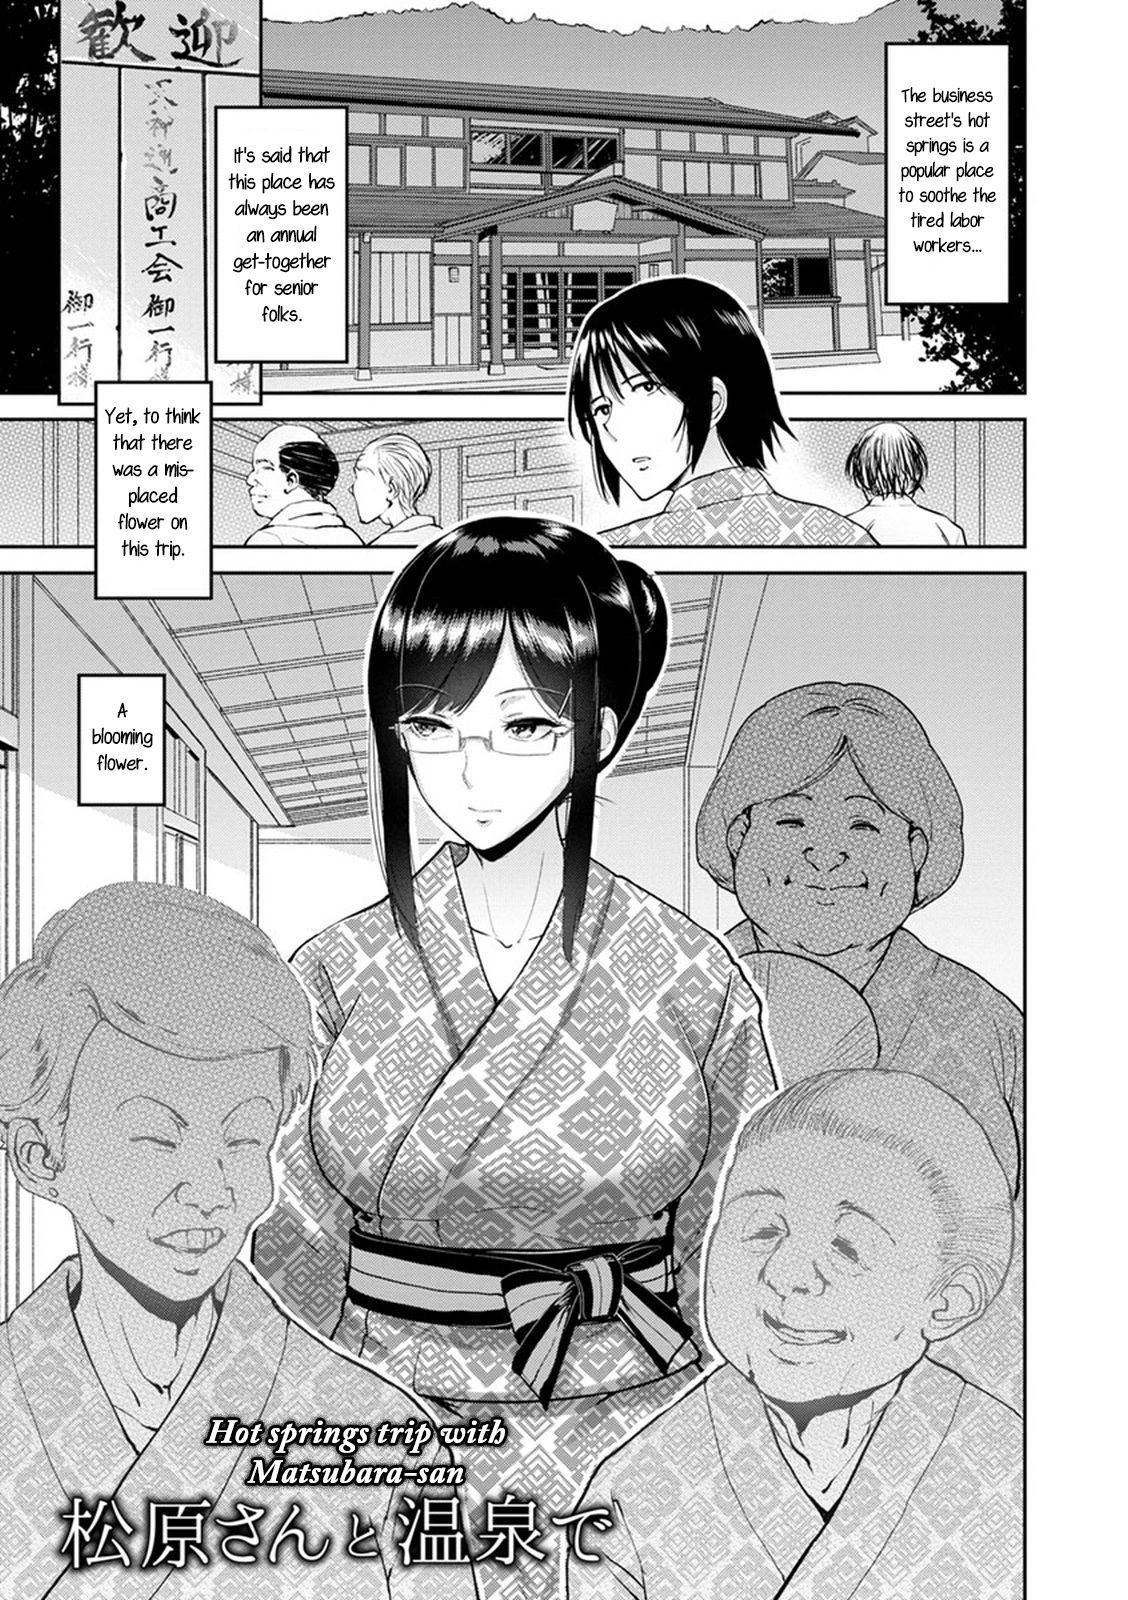 [bifidus] Matsubara-san to Onsen de | Hot springs trip with Matsubara-san (Kimi o Sasou Uzuki Ana) [English] [Anti+Danky] [Digital] 0